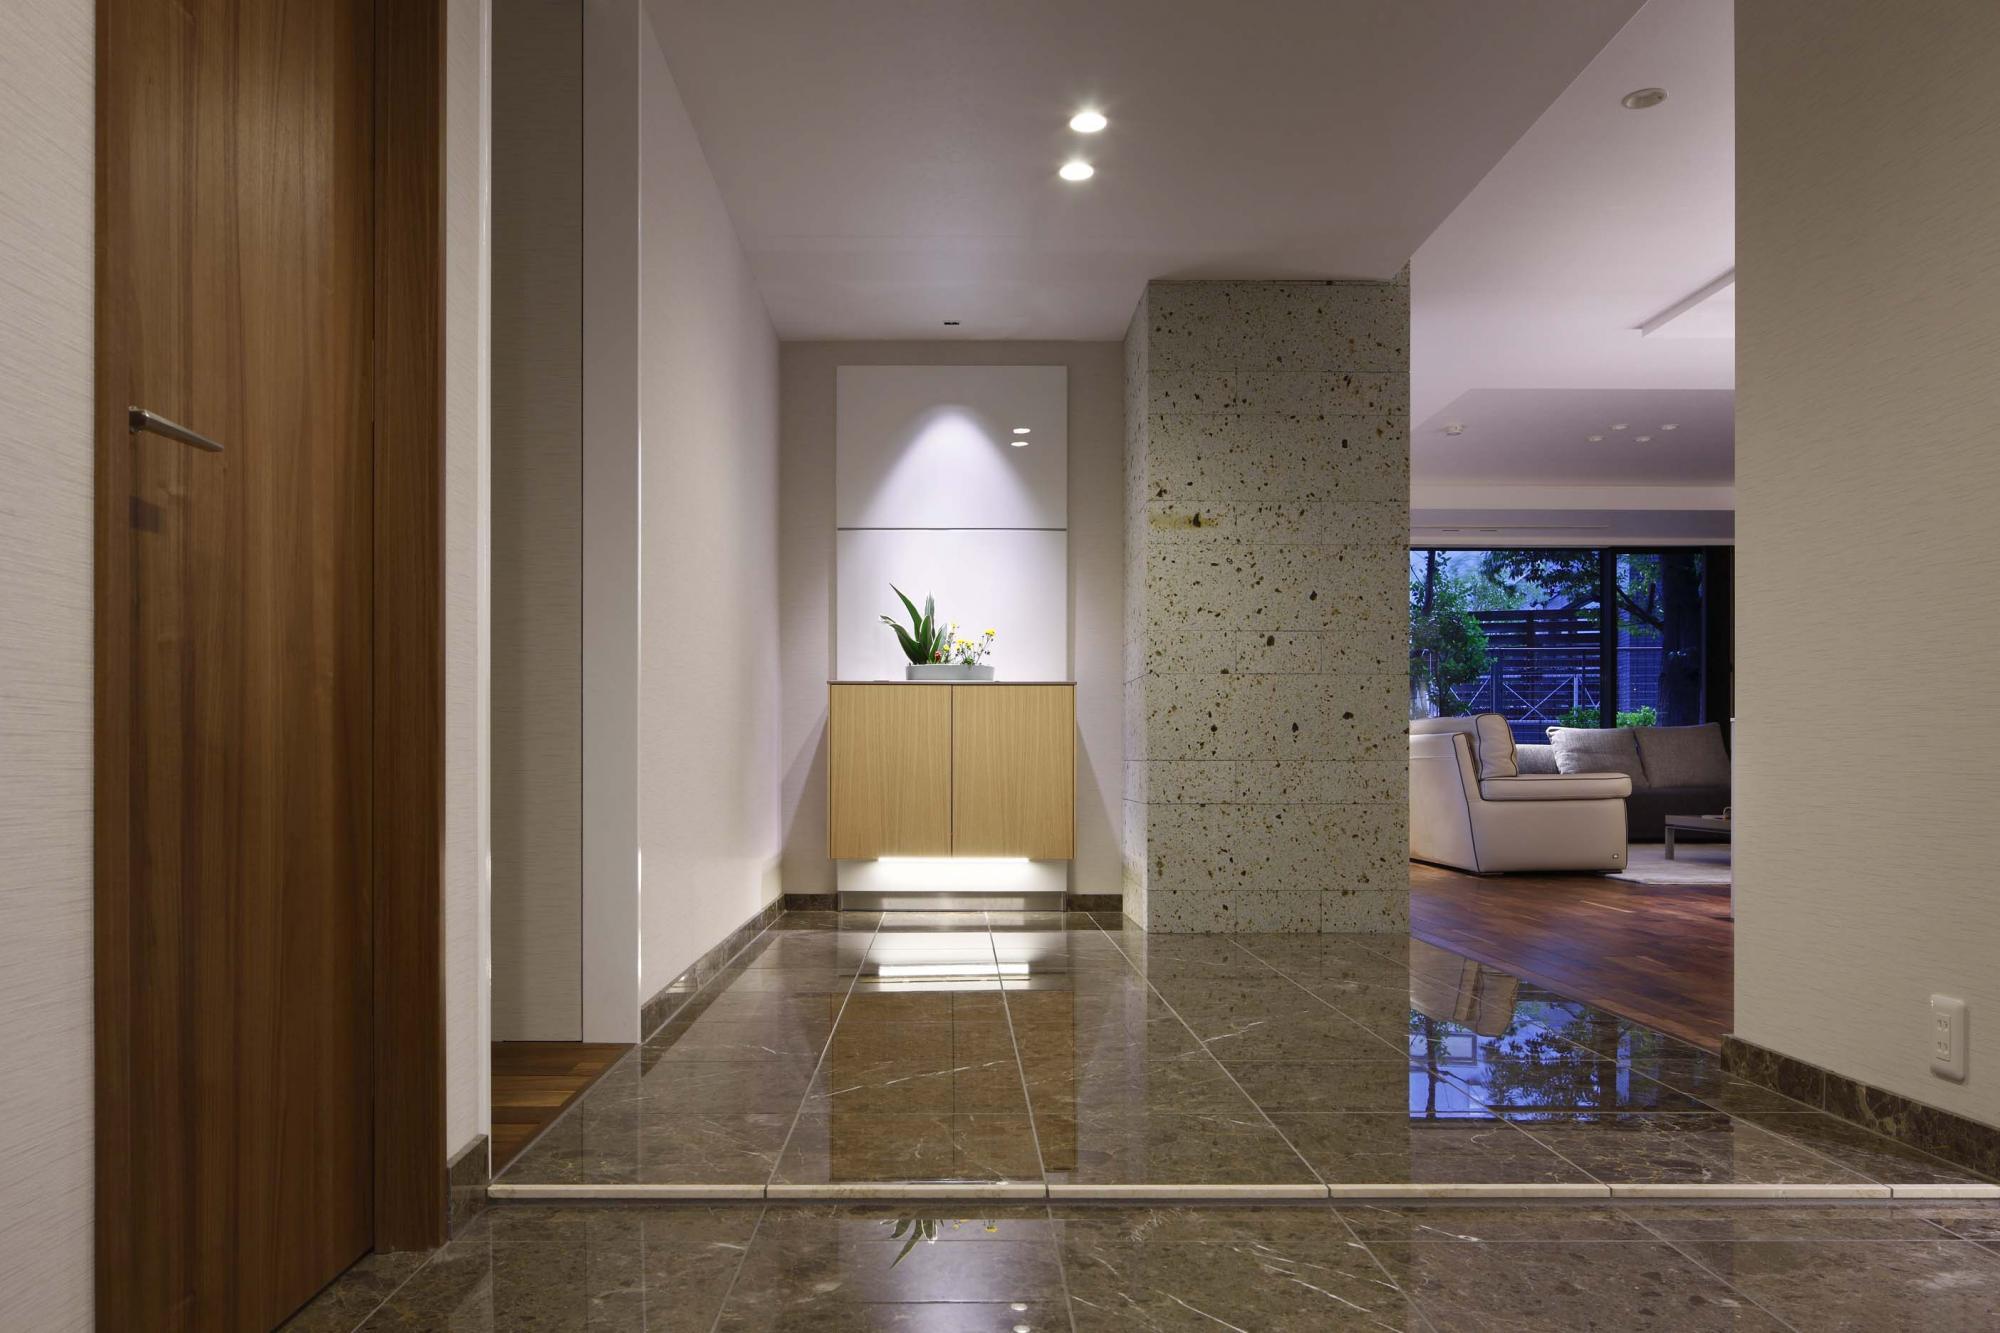 玄関に入ると光沢のあるグレーの大理石の床がホールまで続く。正面の壁には当社オリジナルの床から浮いたような収納カウンターを設置。下から間接照明を照らして美しく演出している。